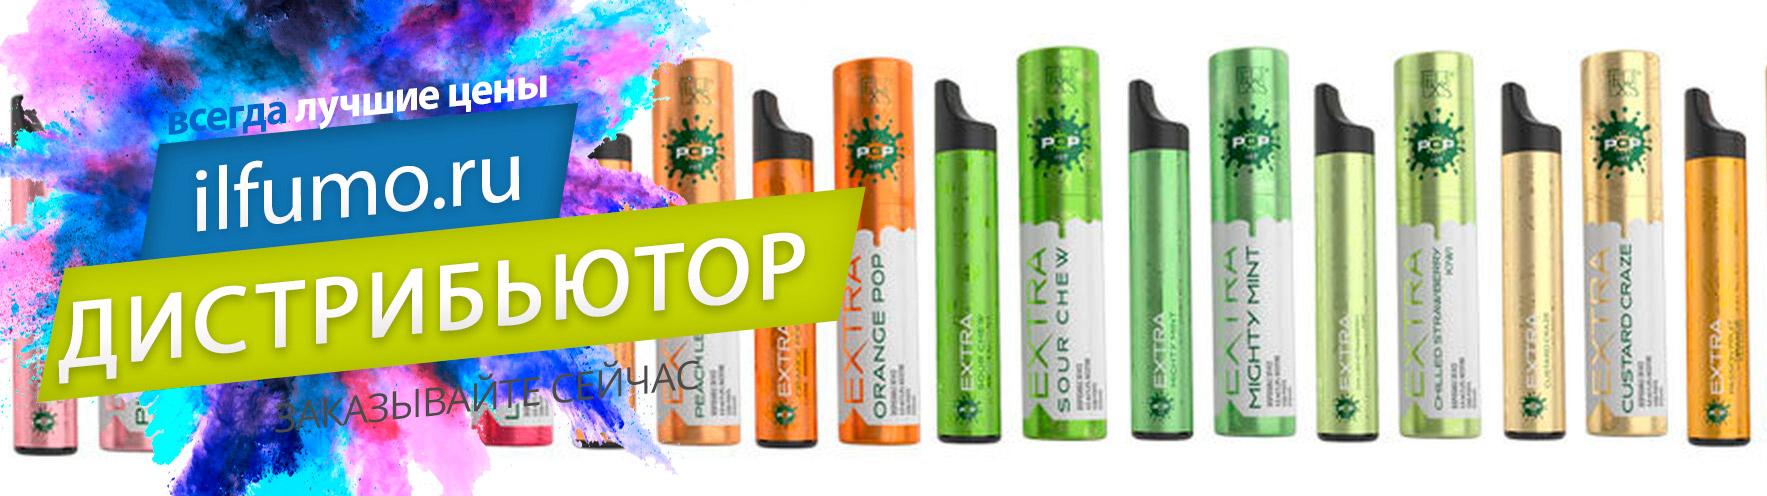 Pods Pop Xtra одноразовая электронная сигарета оптом